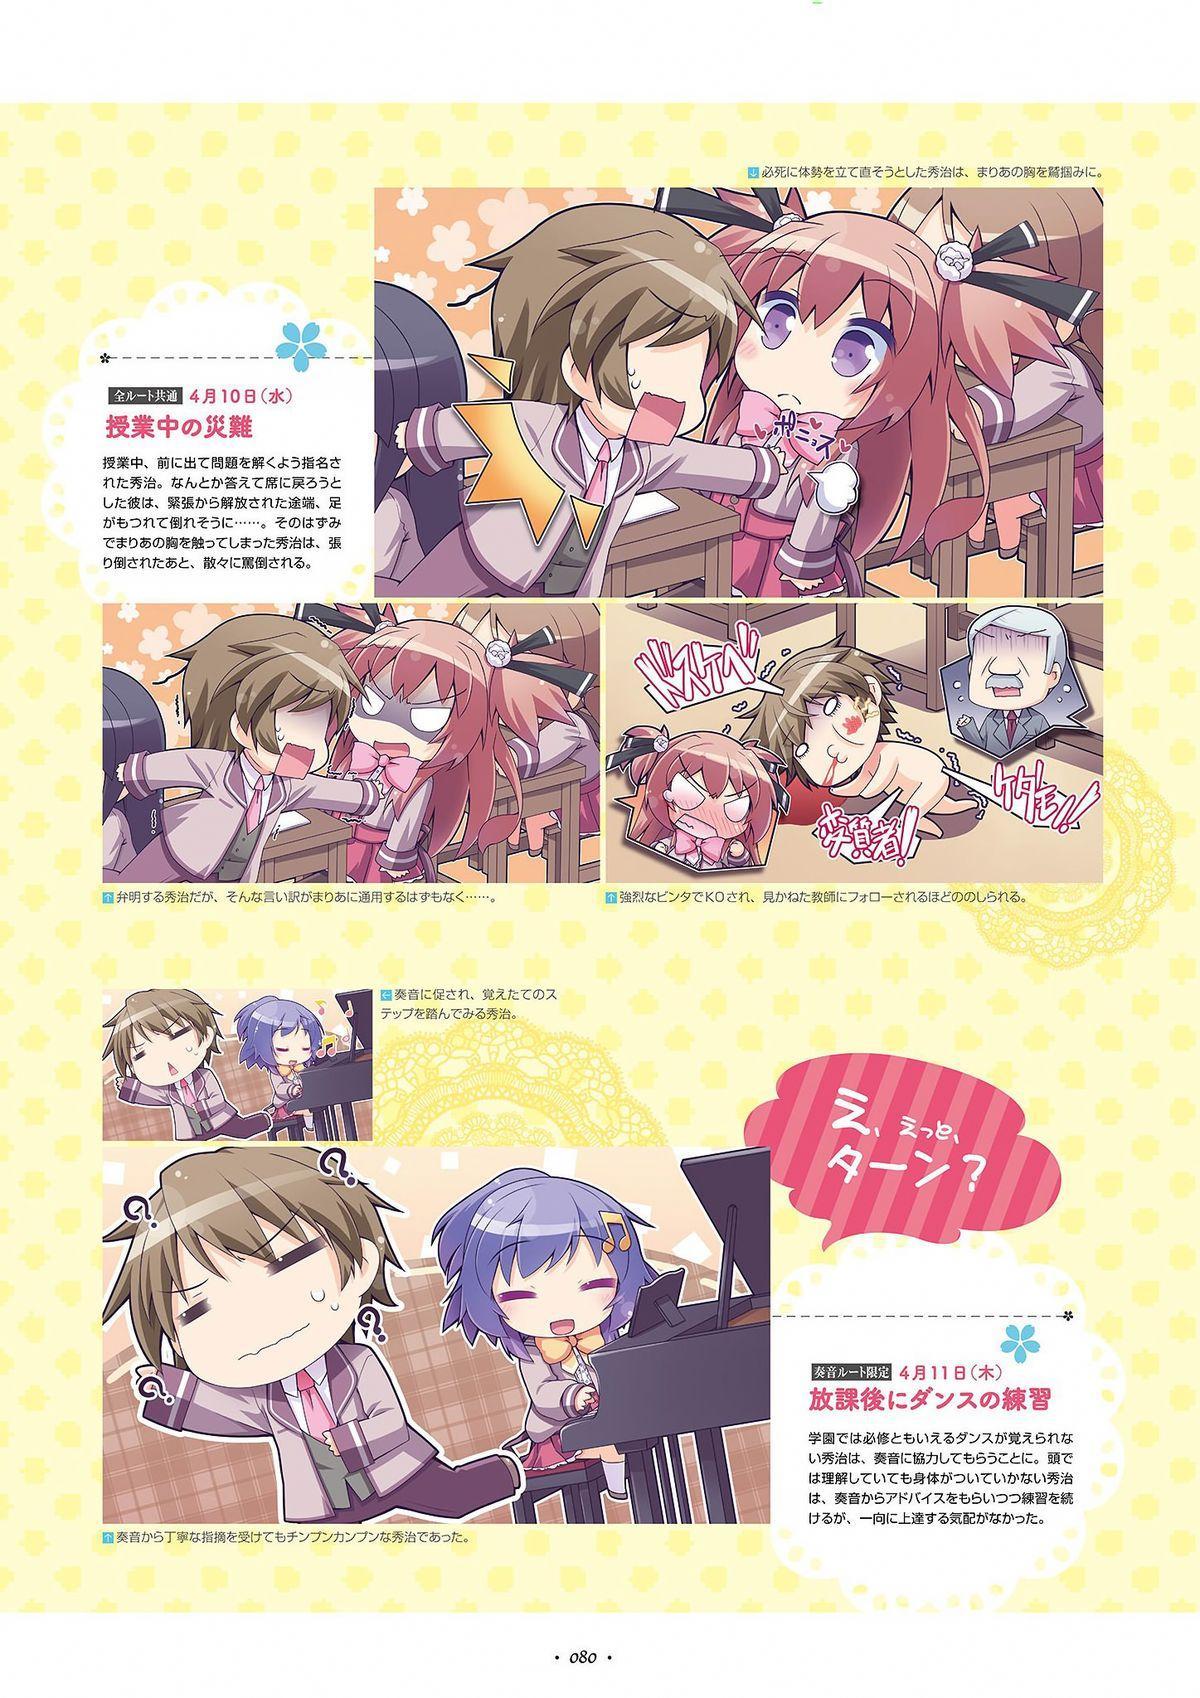 Shukufuku no Kane no Oto wa, Sakura-iro no Kaze to Tomo ni Visual Fanbook 74